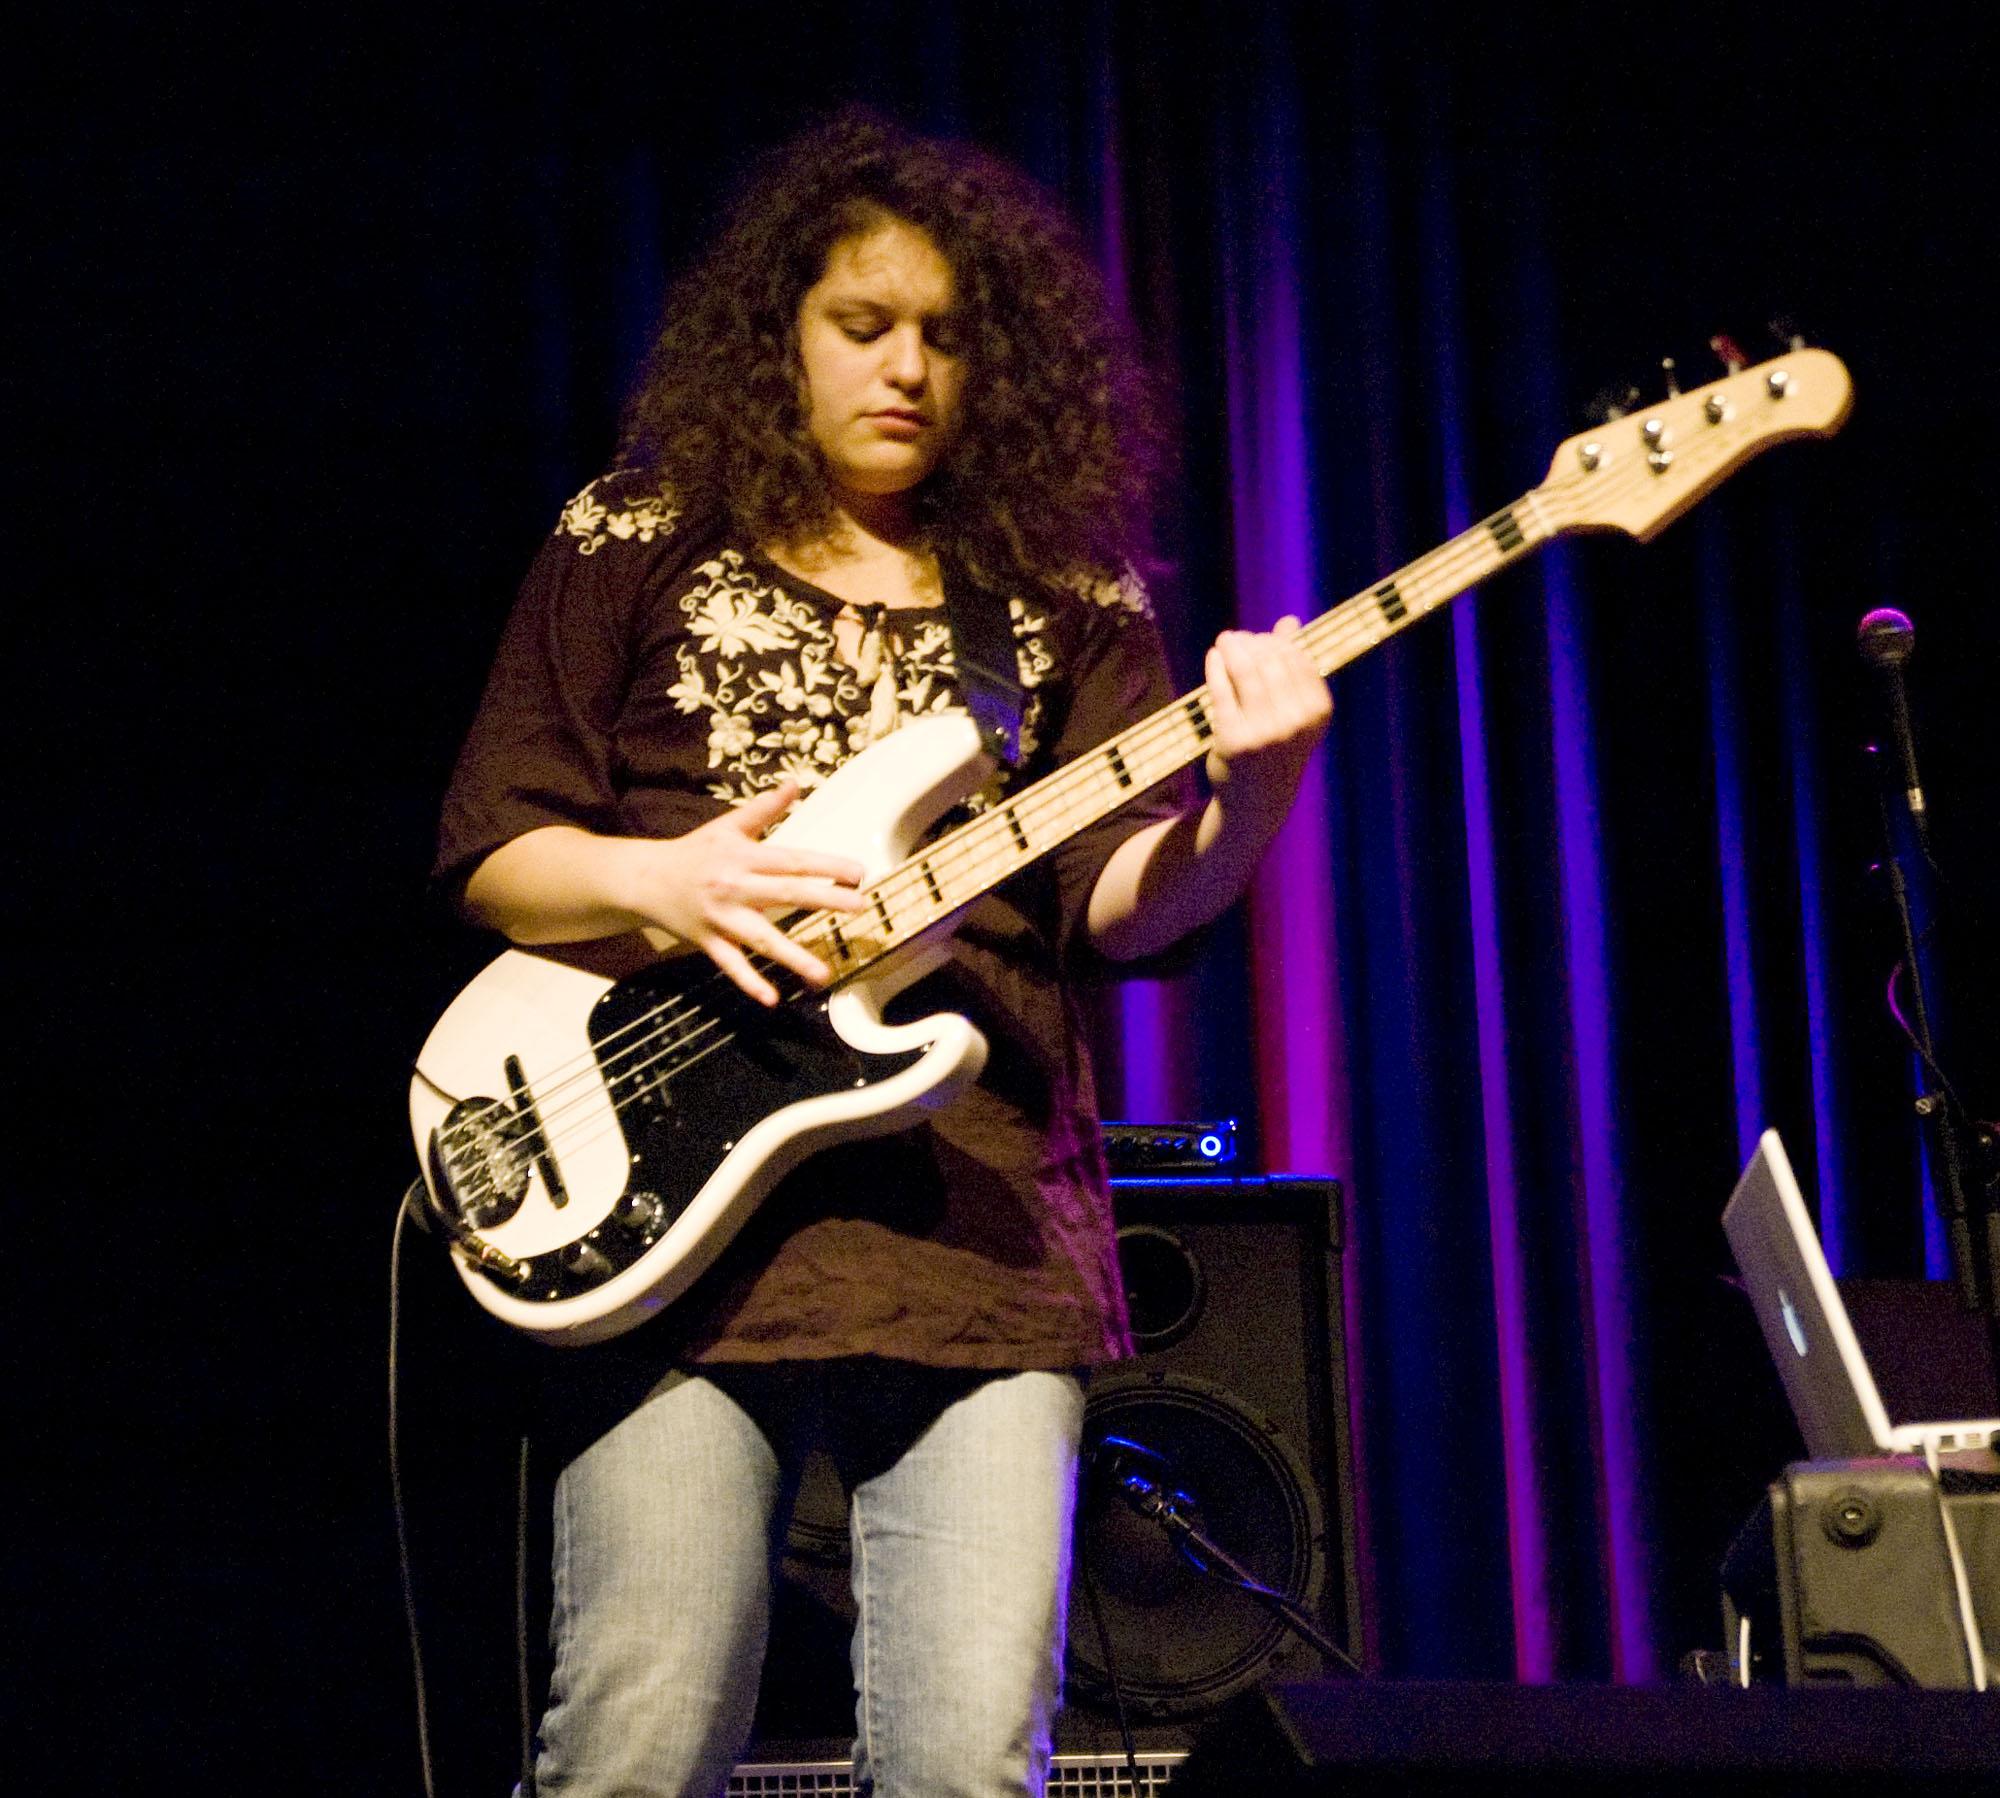 Julie Slick, Performing with Adrian Belew Power Trio at Enjoy Jazz 2010